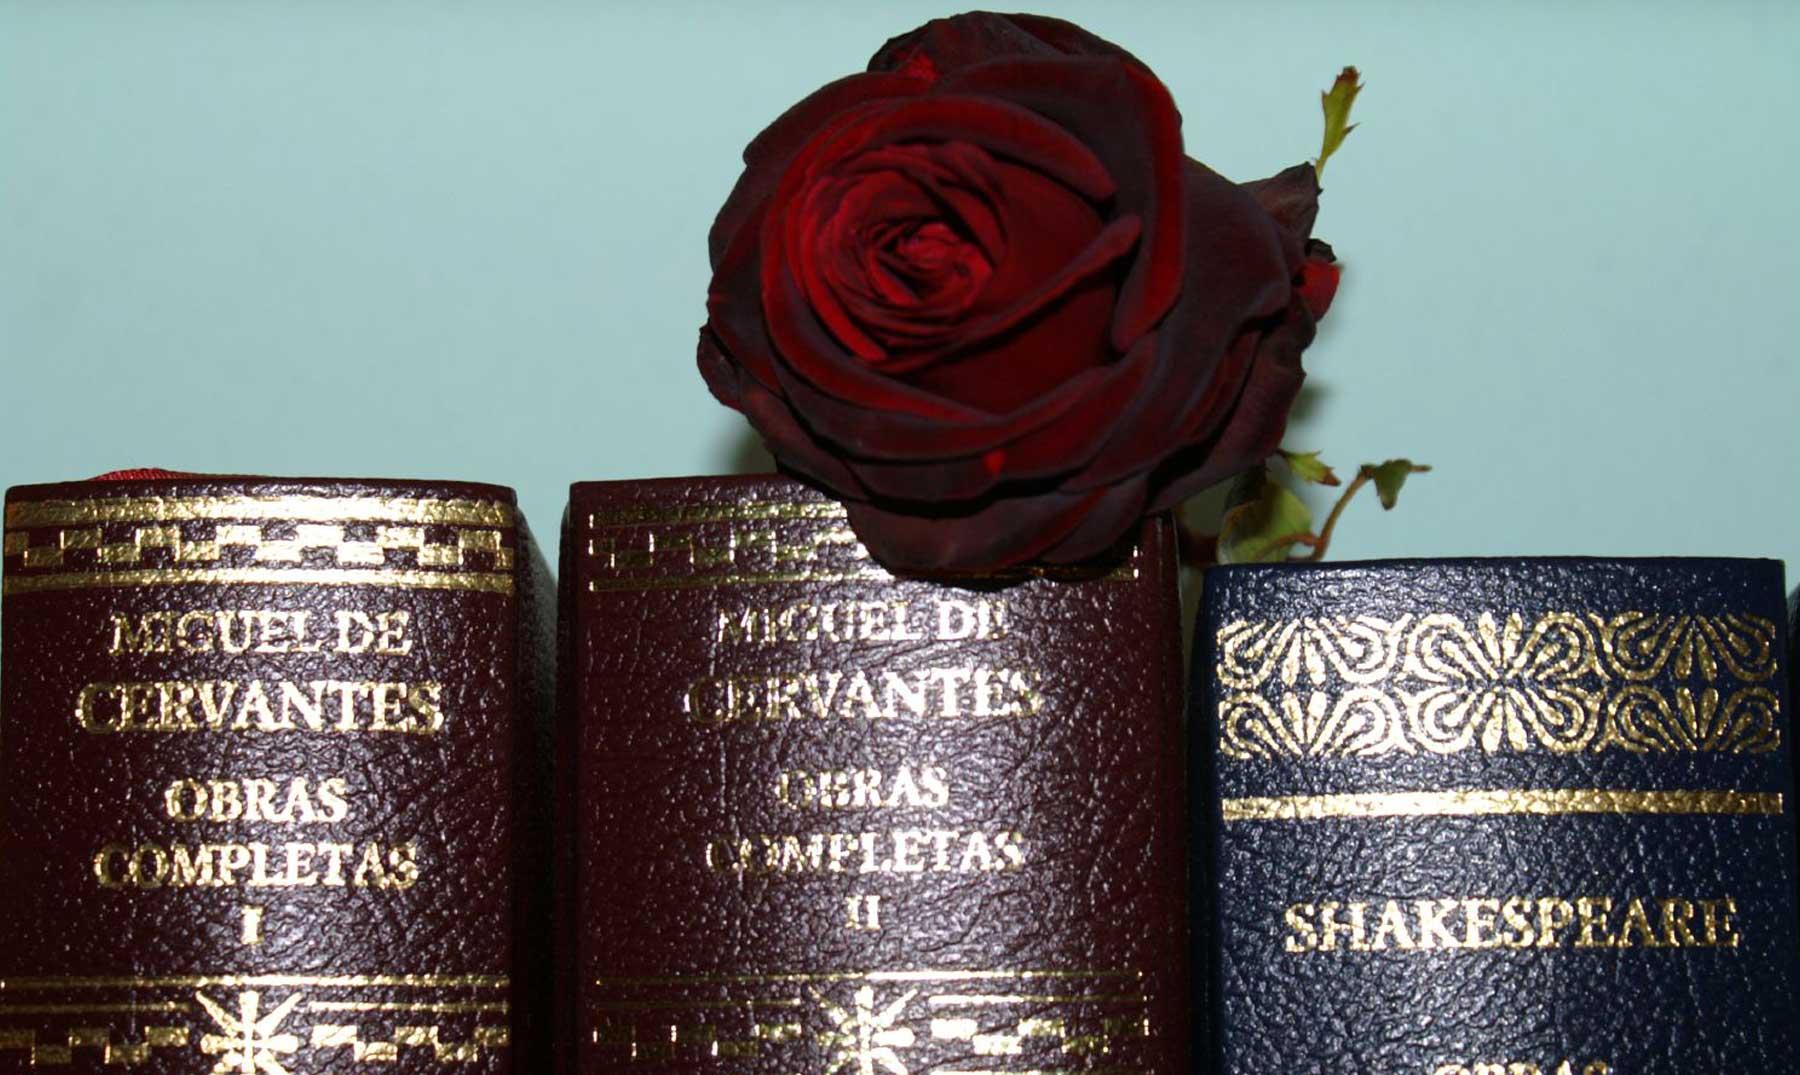 El día menos pensado: cuando no murieron Shakespeare ni Cervantes